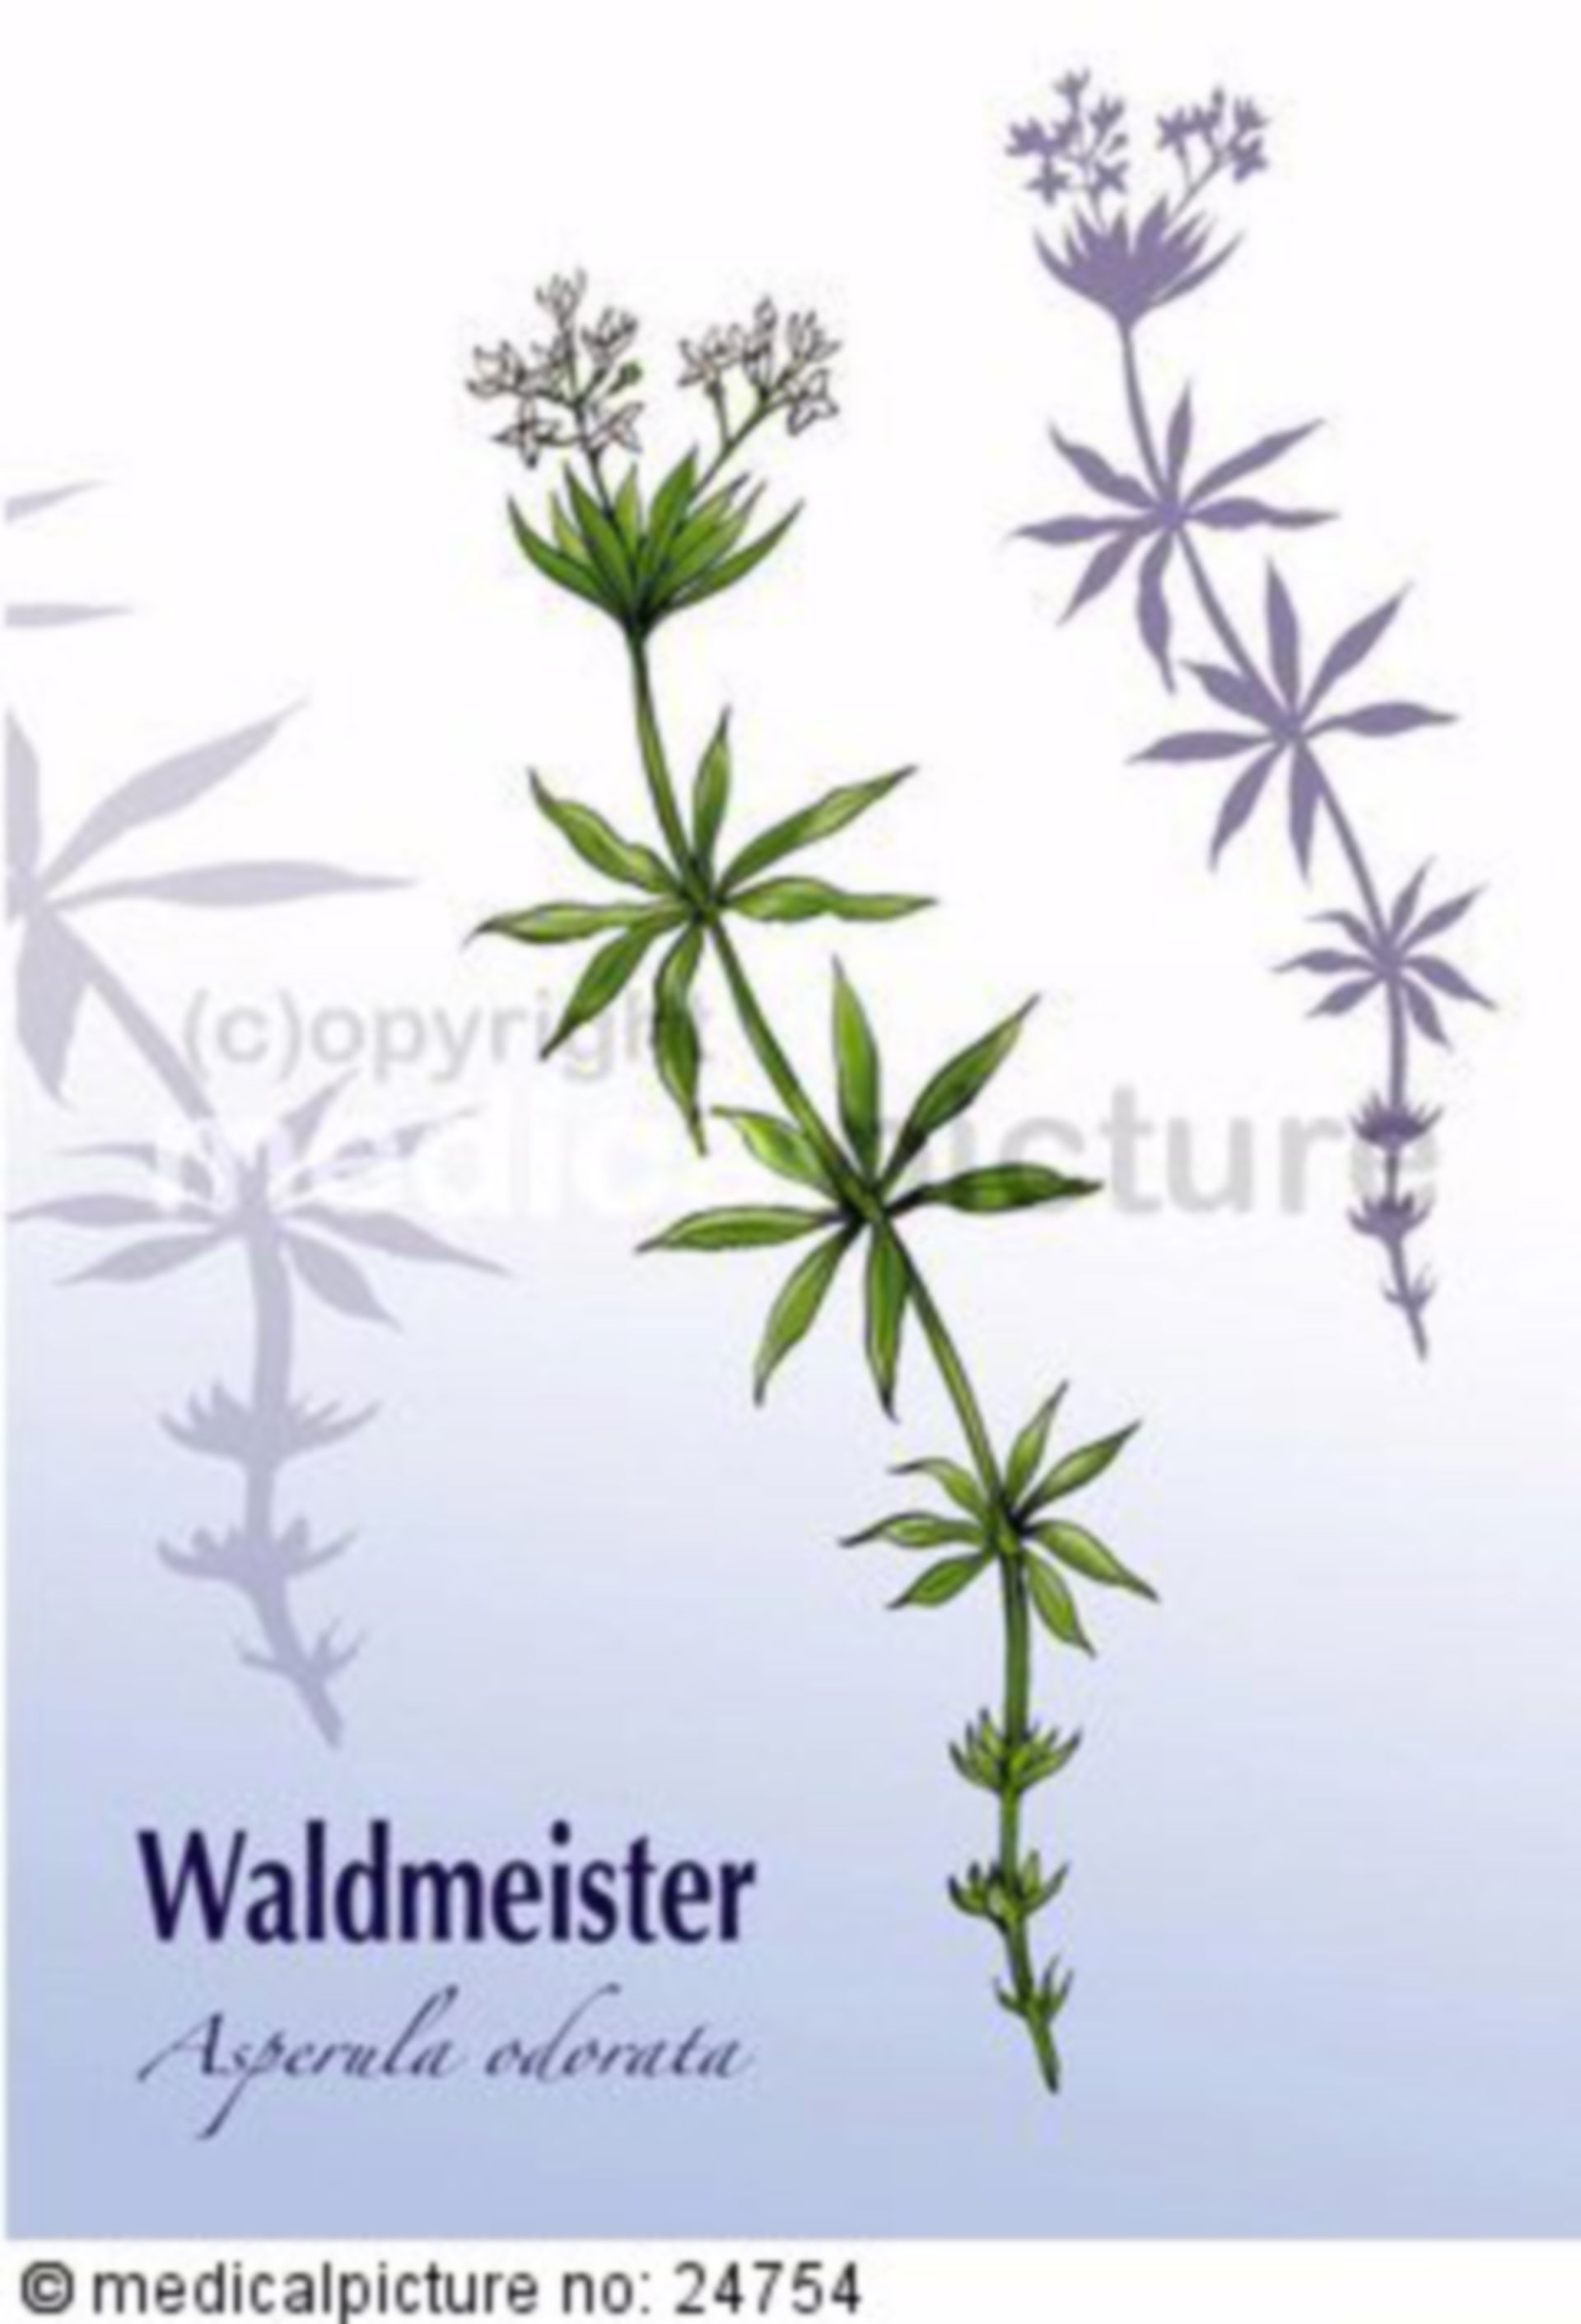 Waldmeister, Asperula odorata